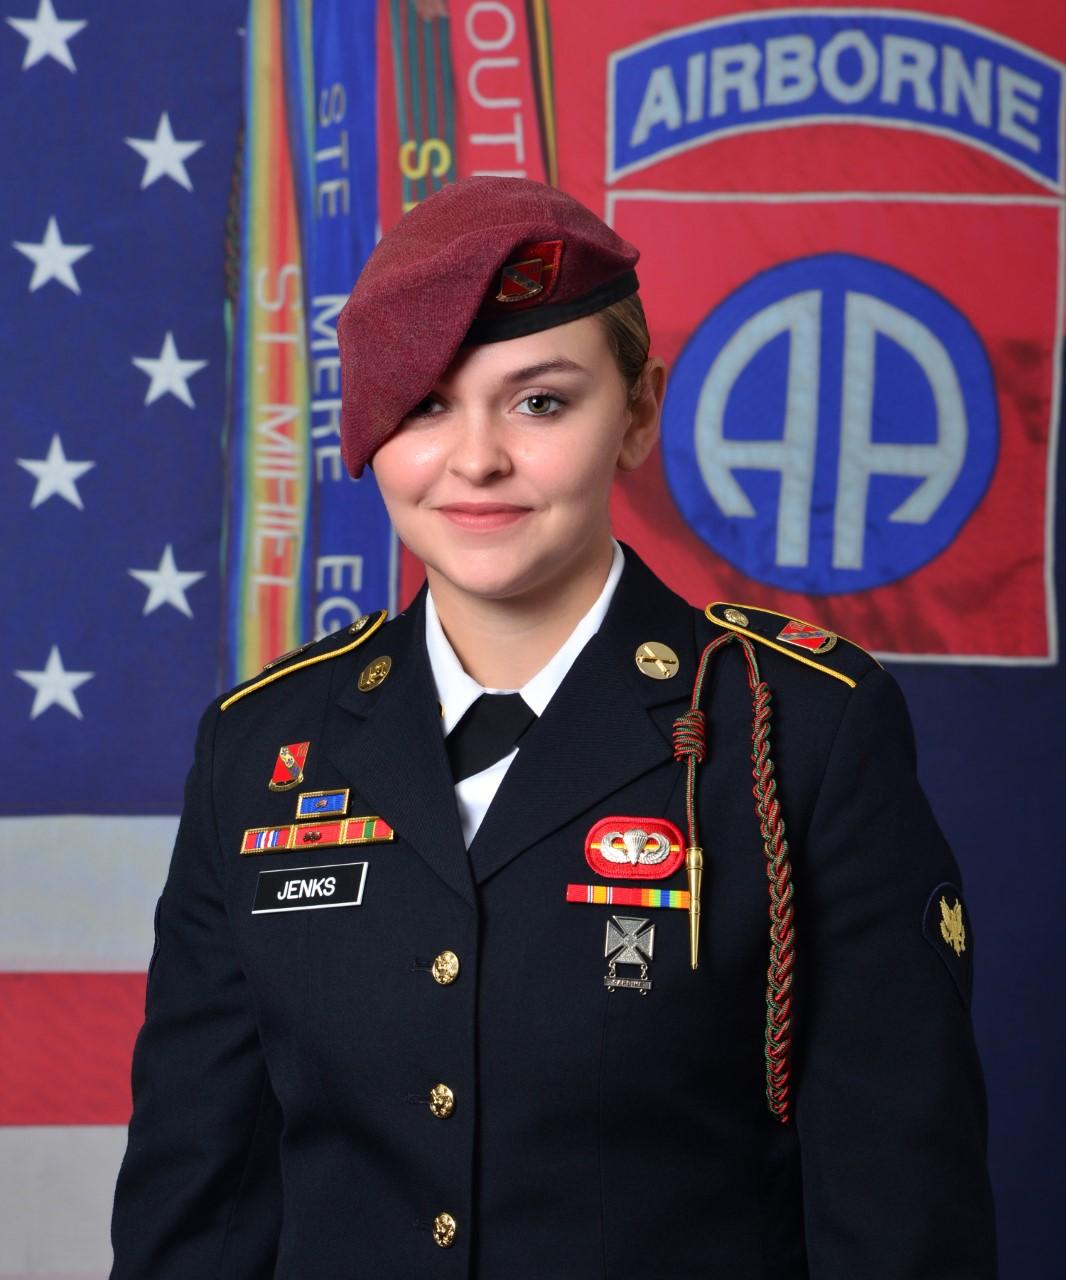 Spc. Abigail Jenks, 21, of Gansevoort, New York